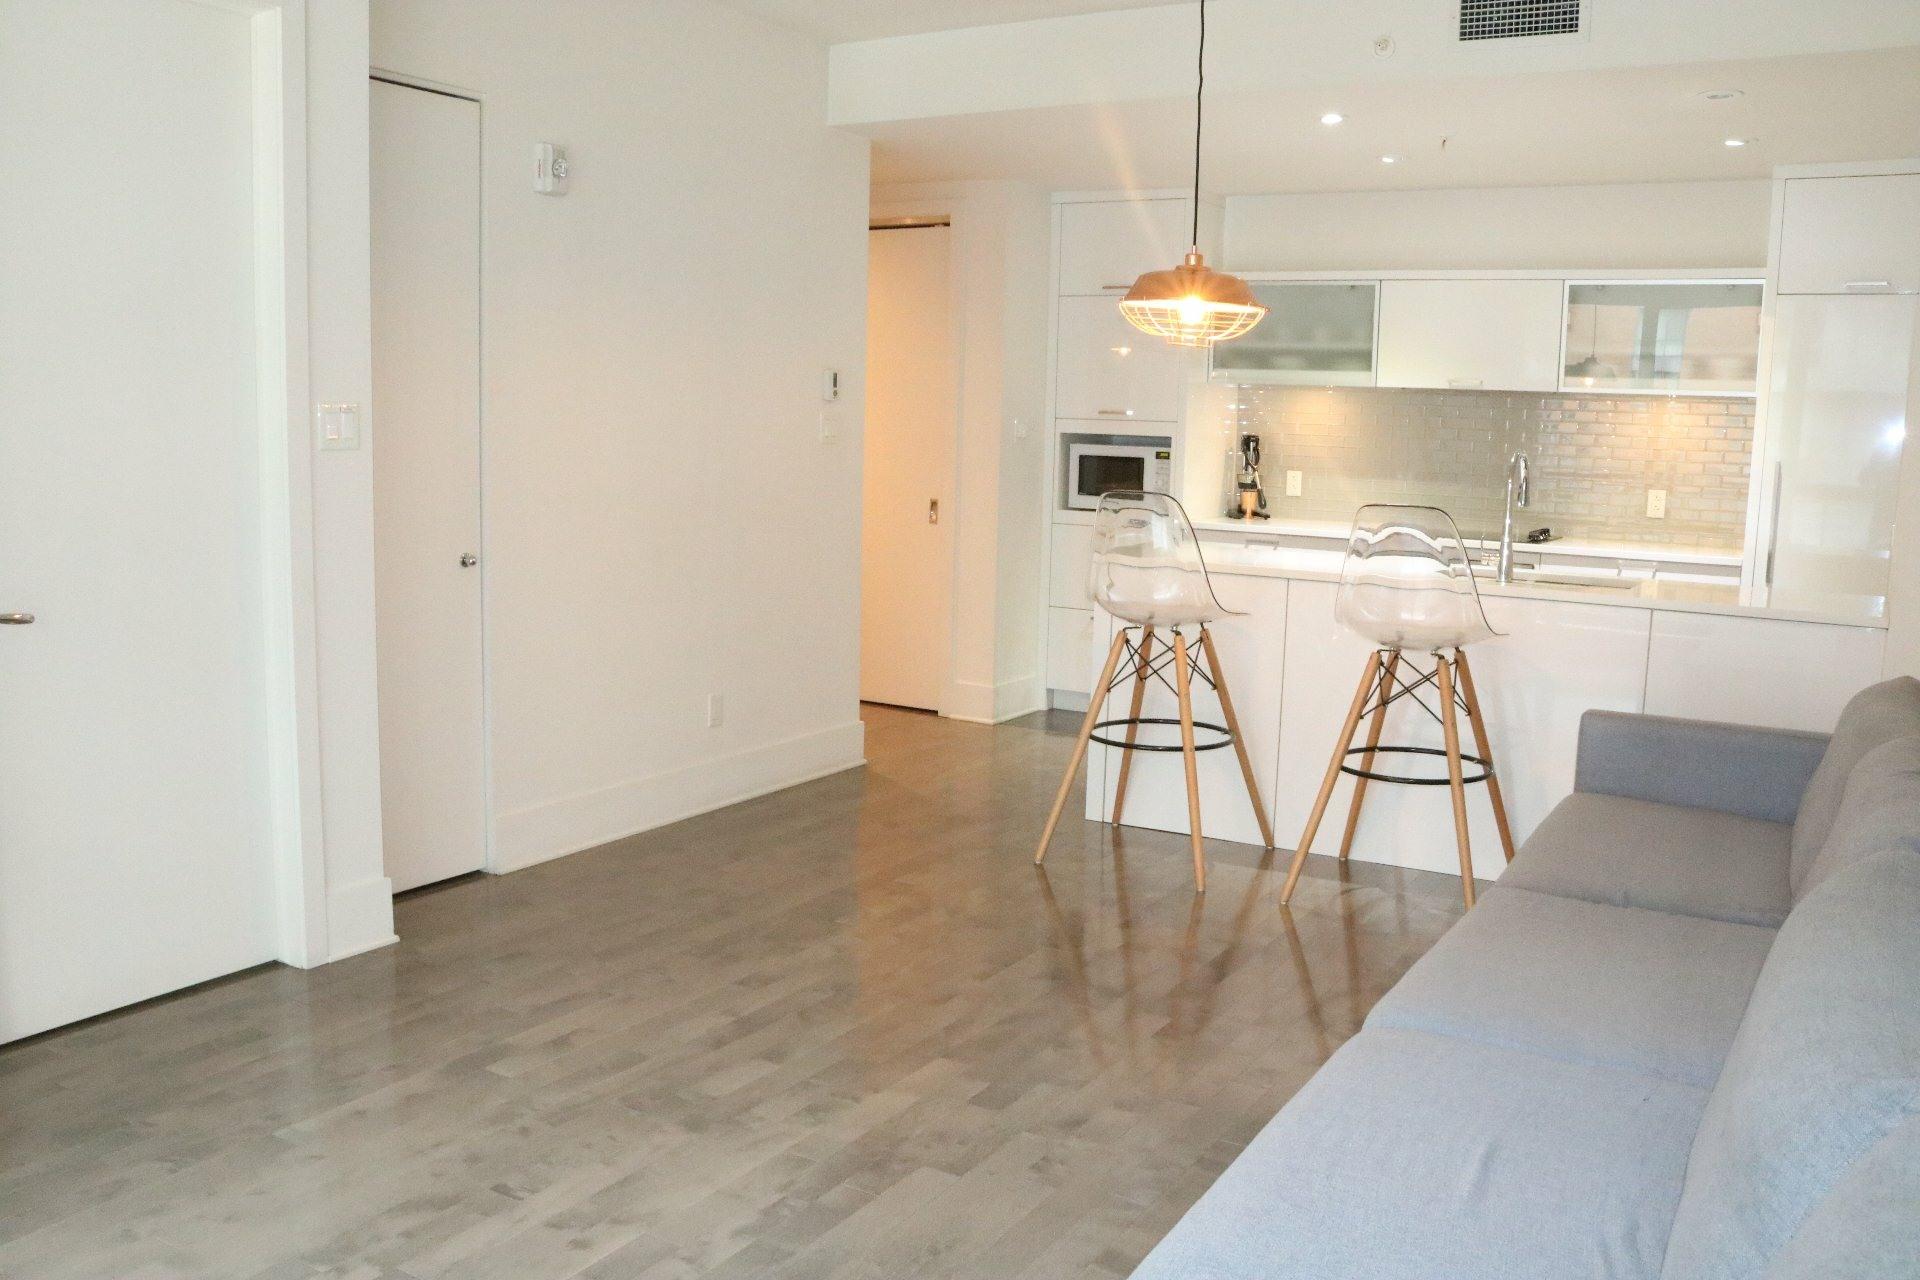 image 4 - Appartement À louer Ville-Marie Montréal  - 4 pièces